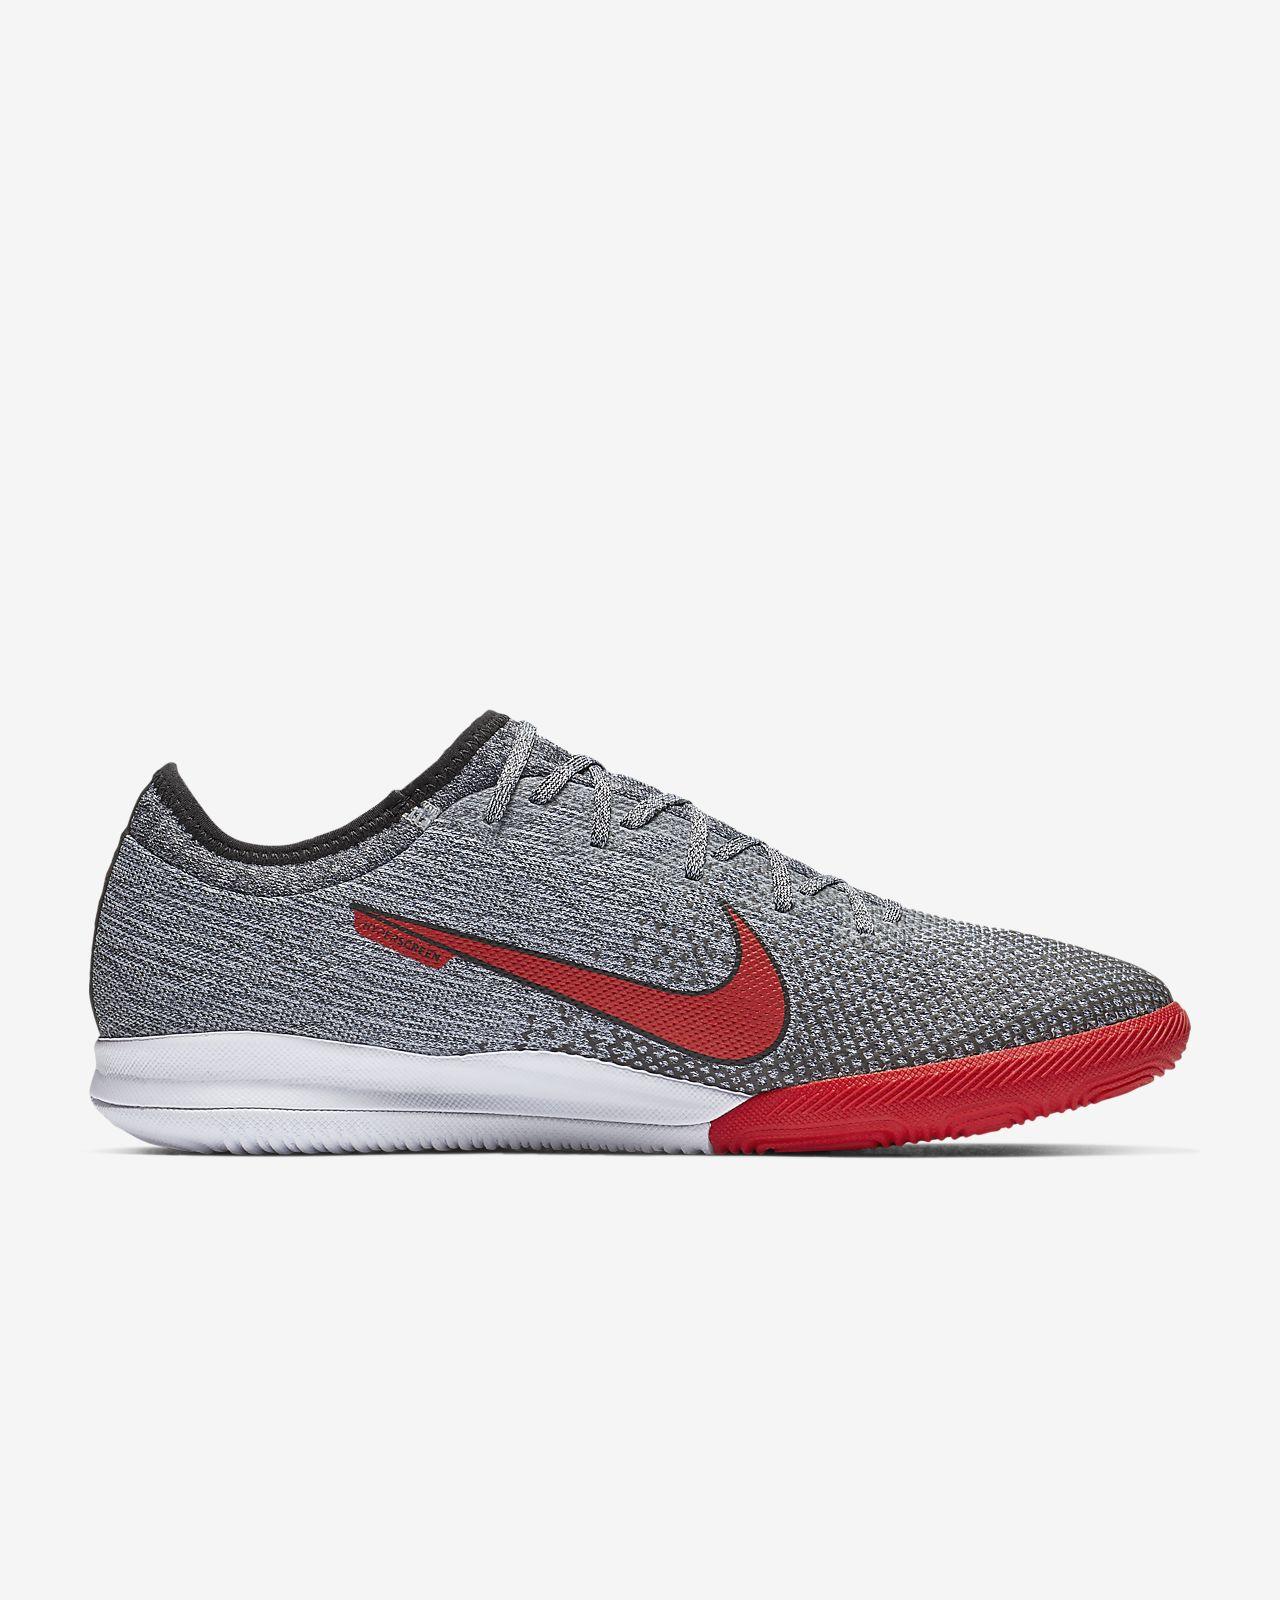 new product de840 08bde ... Nike MercurialX Vapor XII Pro Neymar Indoor Court Soccer Shoe